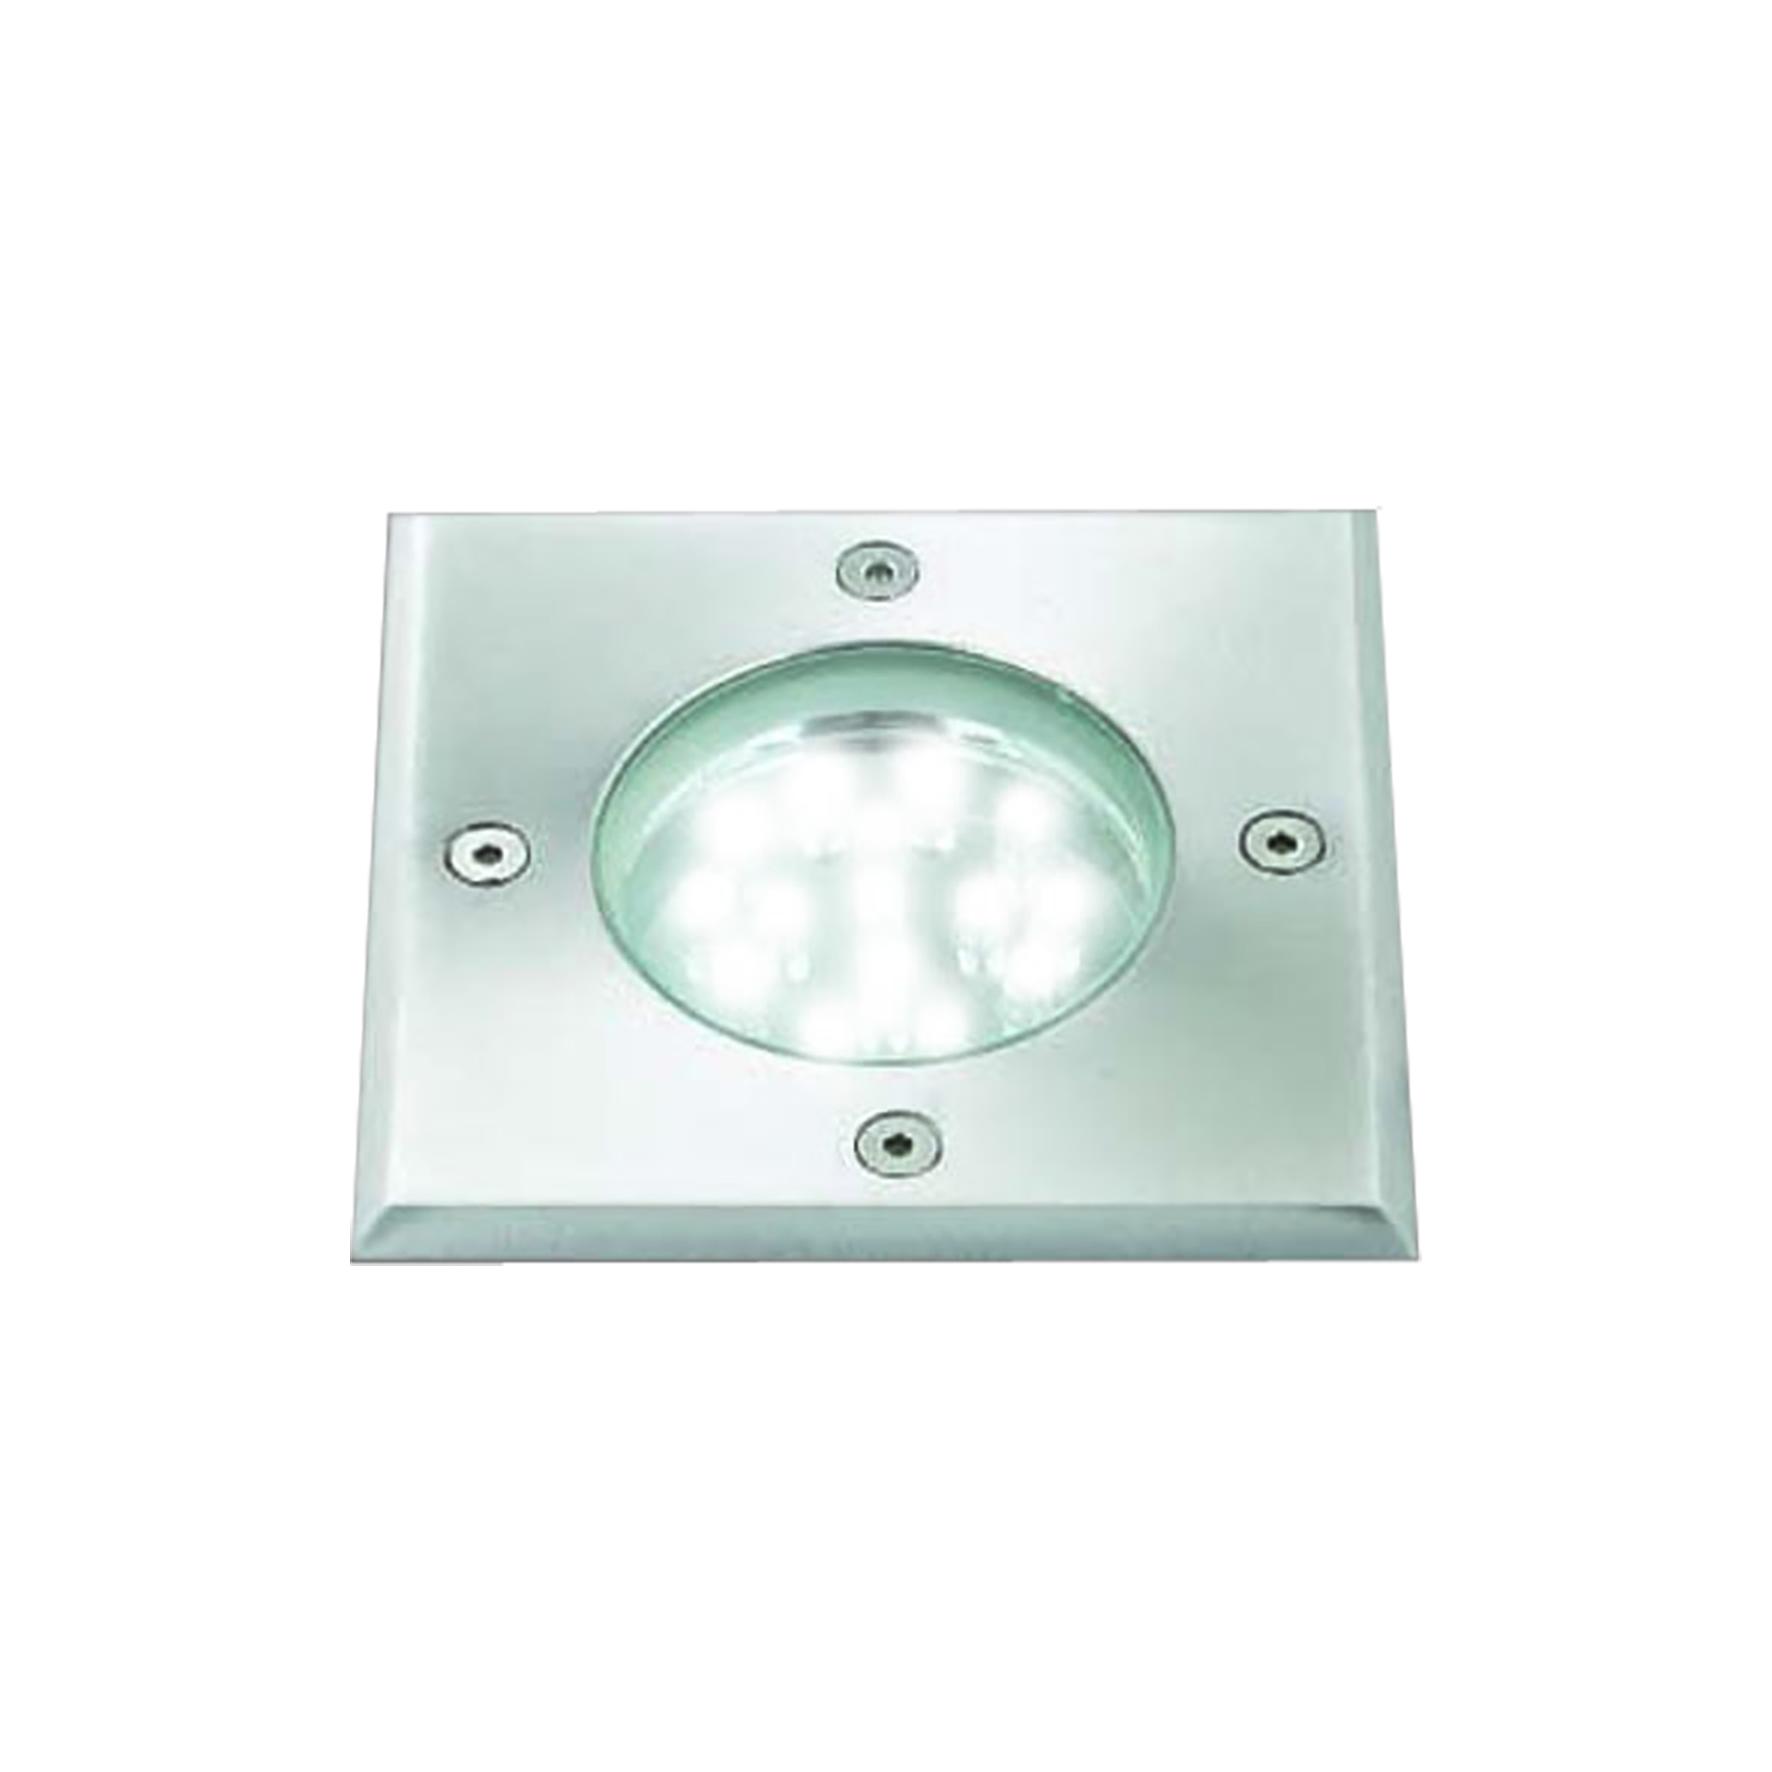 Gardenlux | Light Line Integrated | Jupiter vierkant